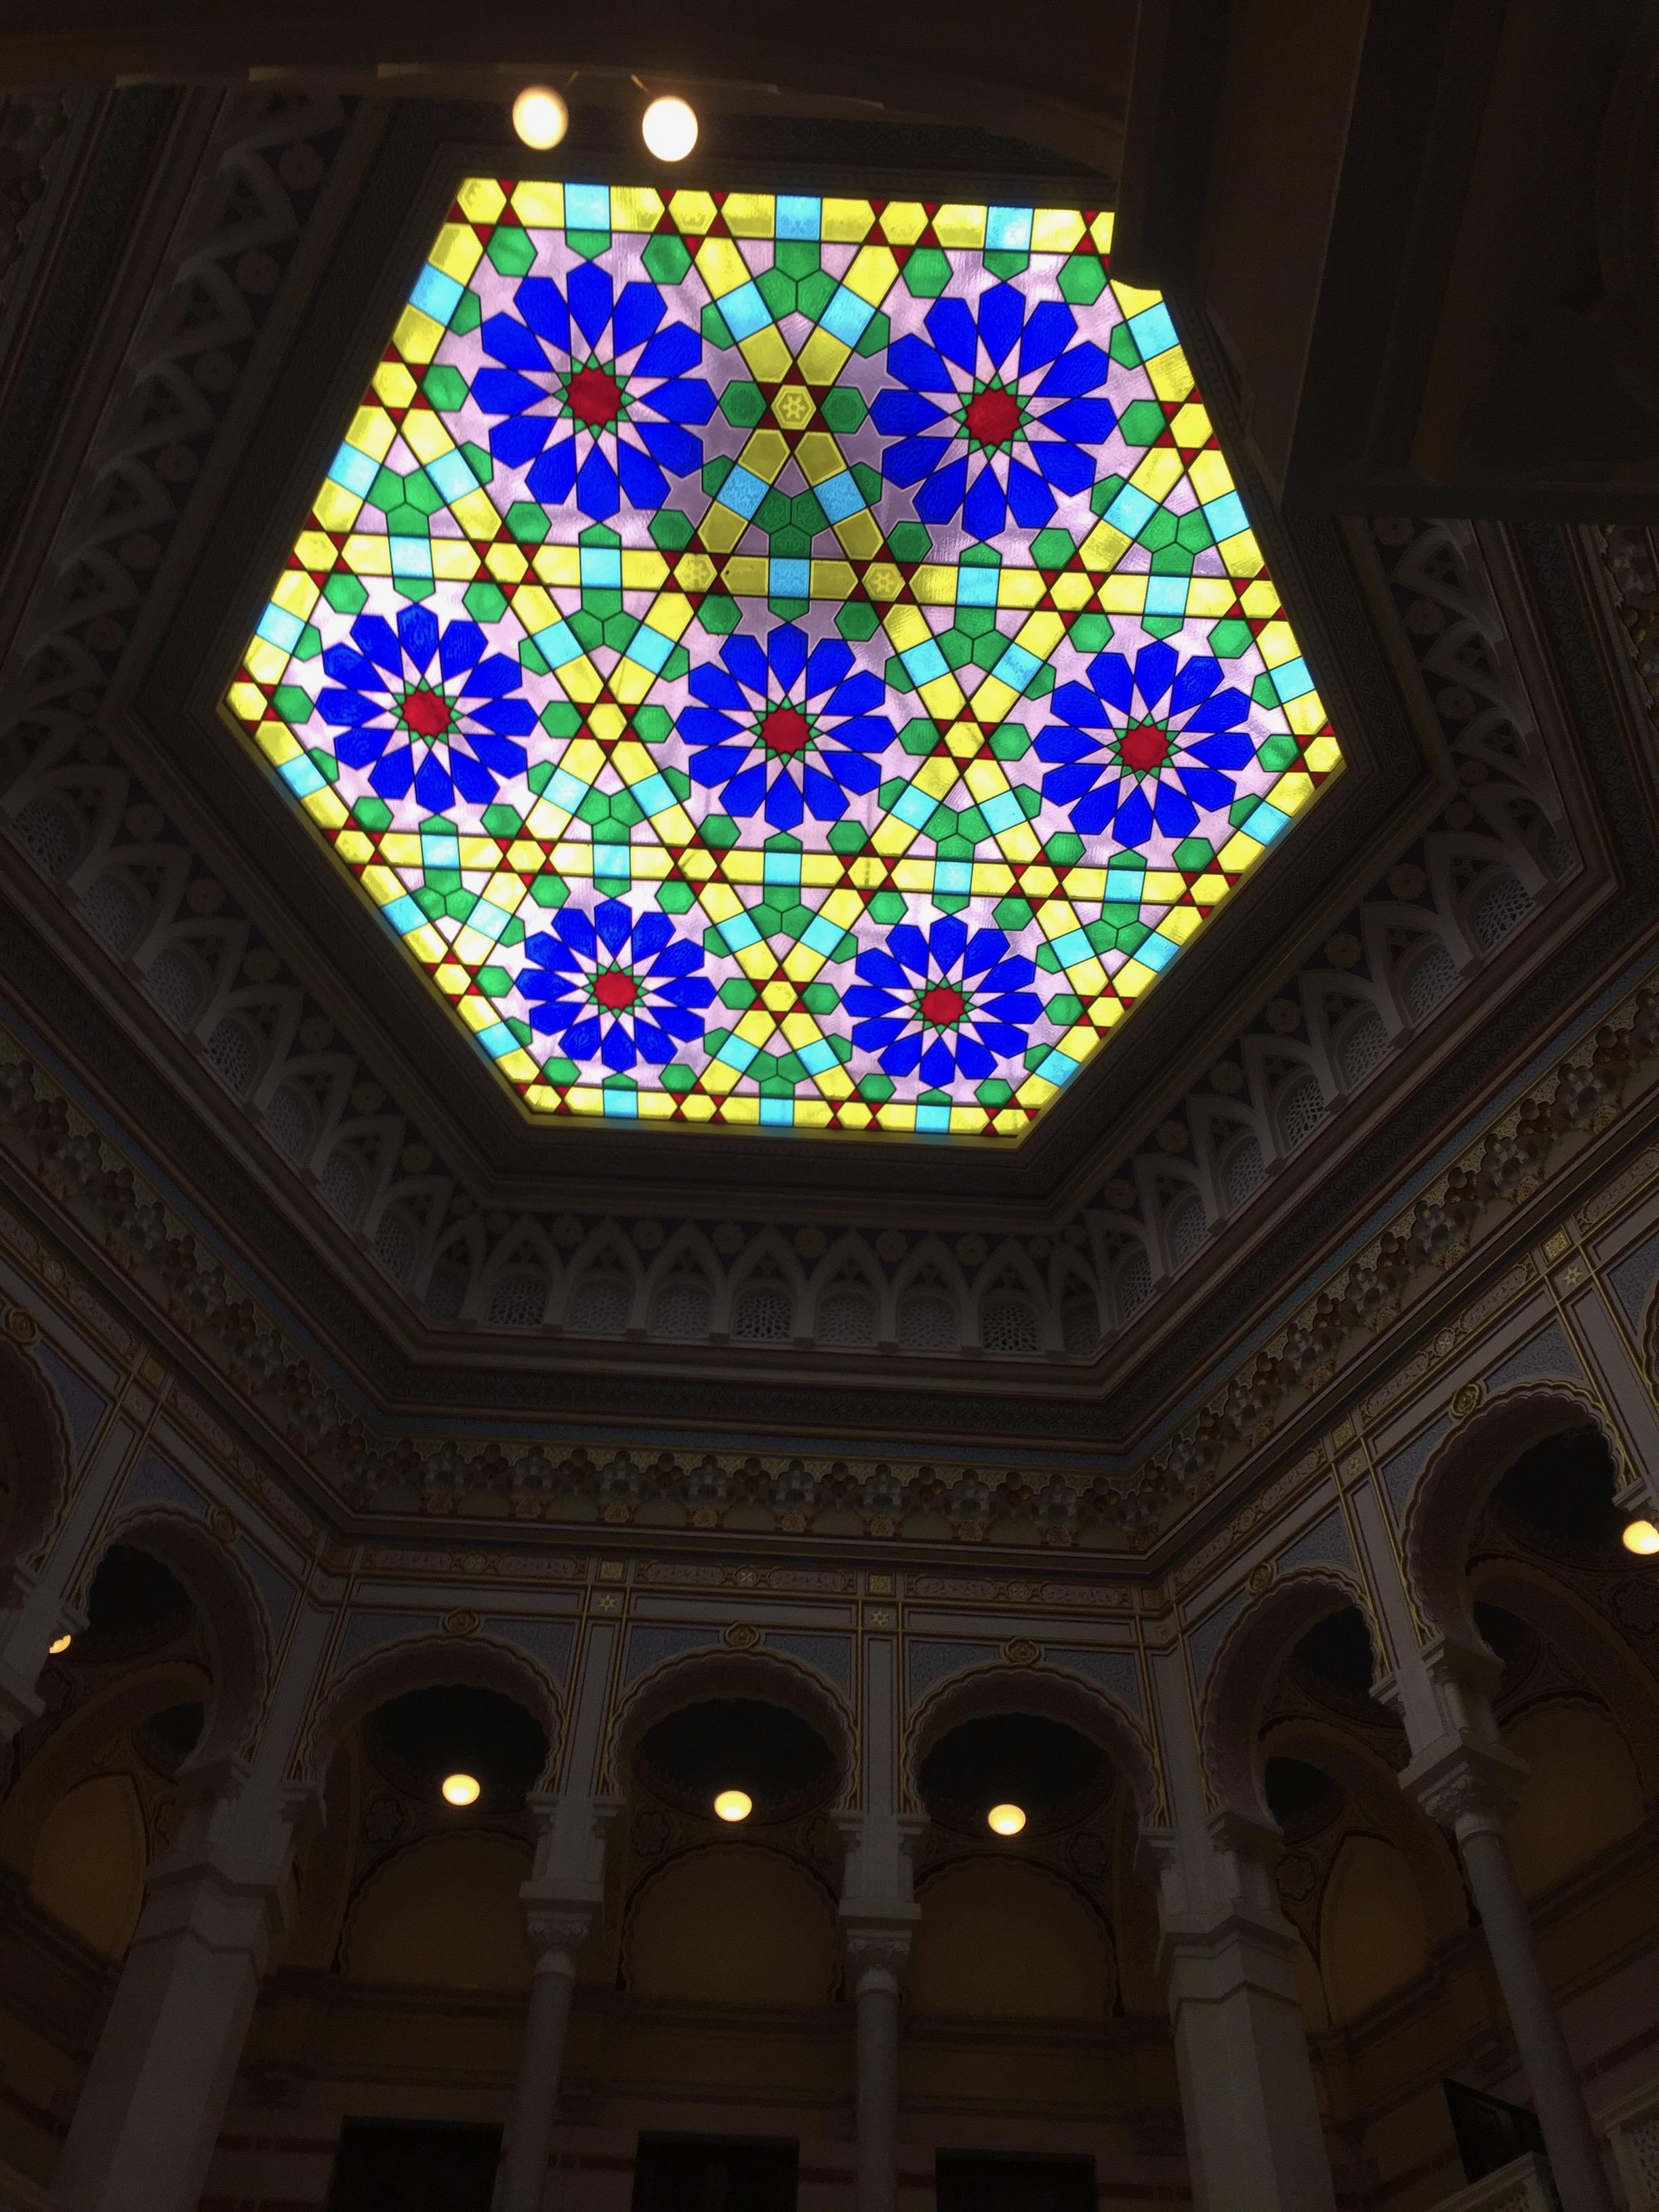 天井のステンドグラス